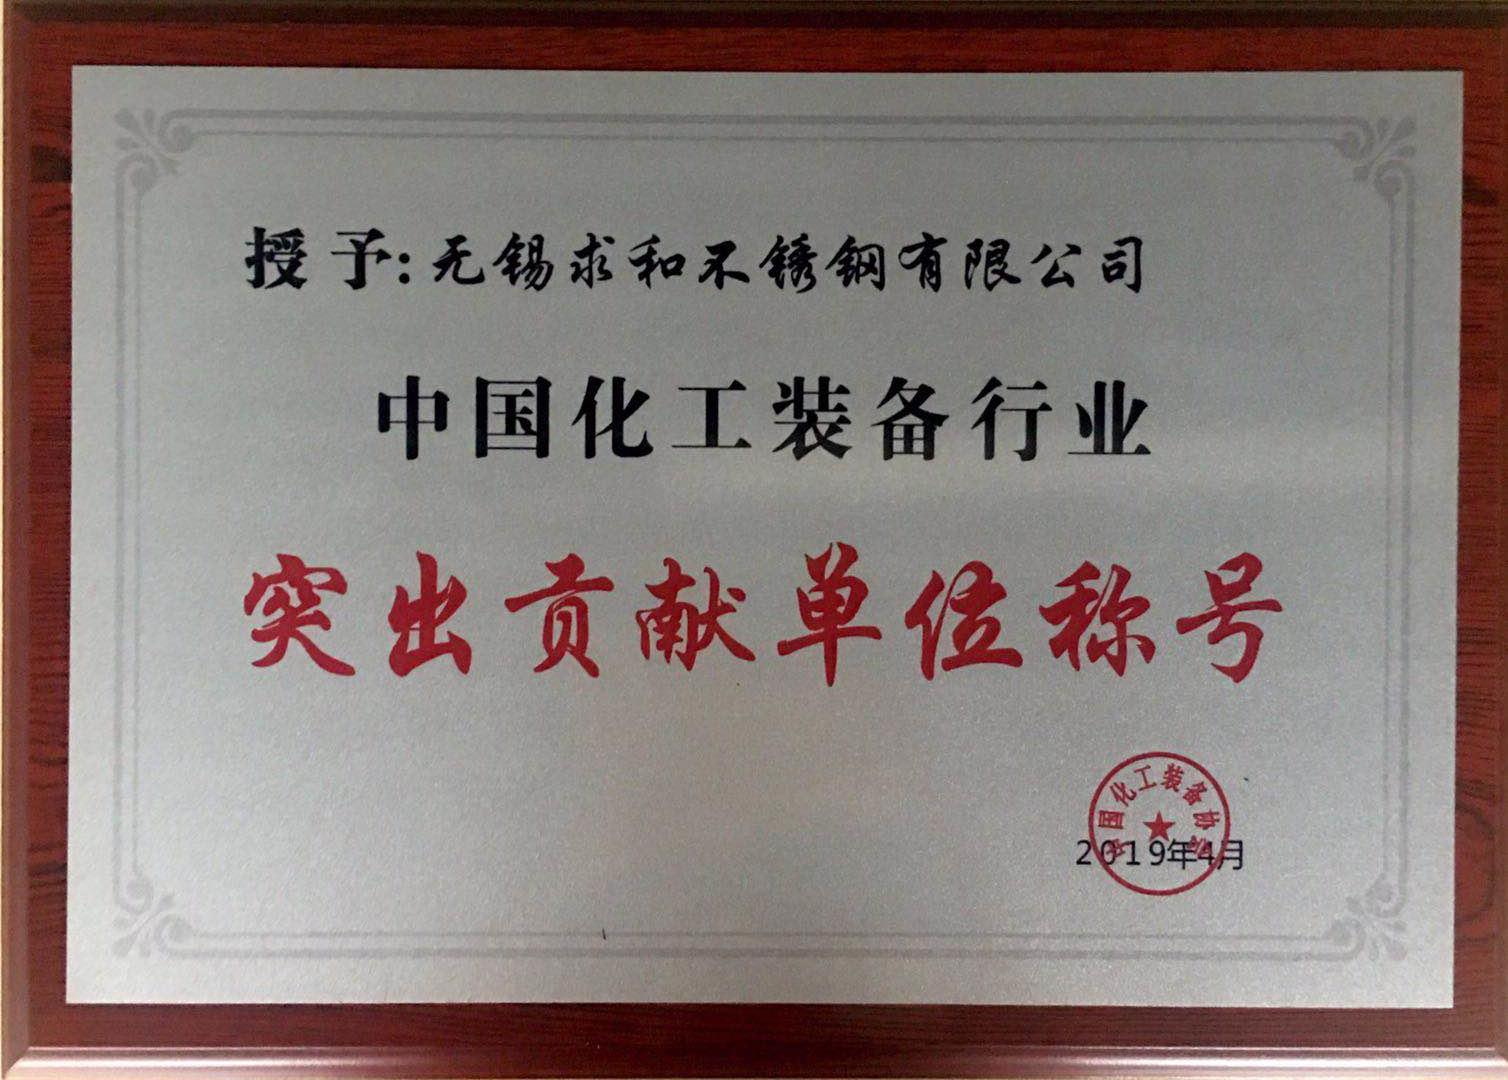 中国化工装备行业突出贡献单位称号